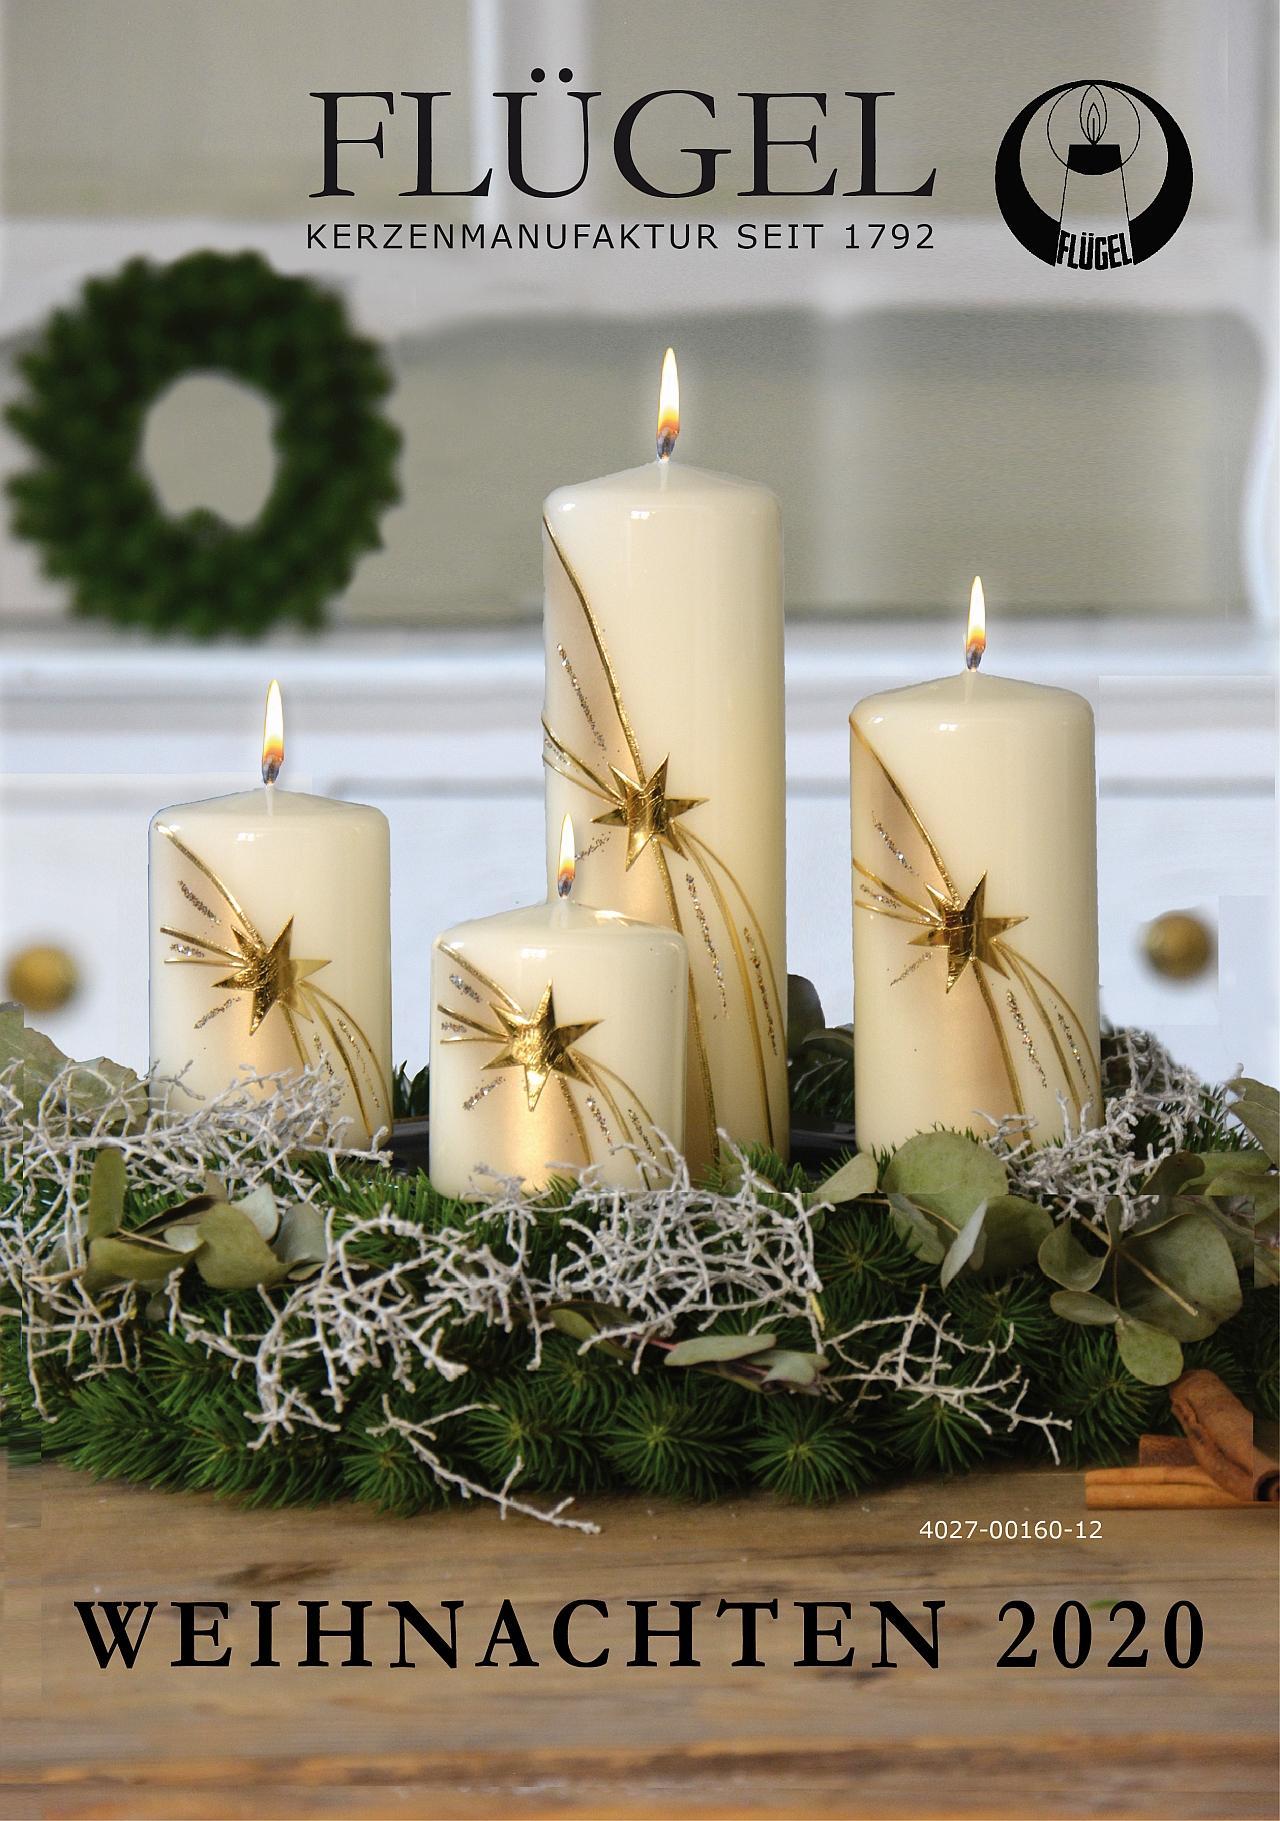 kirche_fluegel_Weihnachtskerzen_2020_Advent_1280